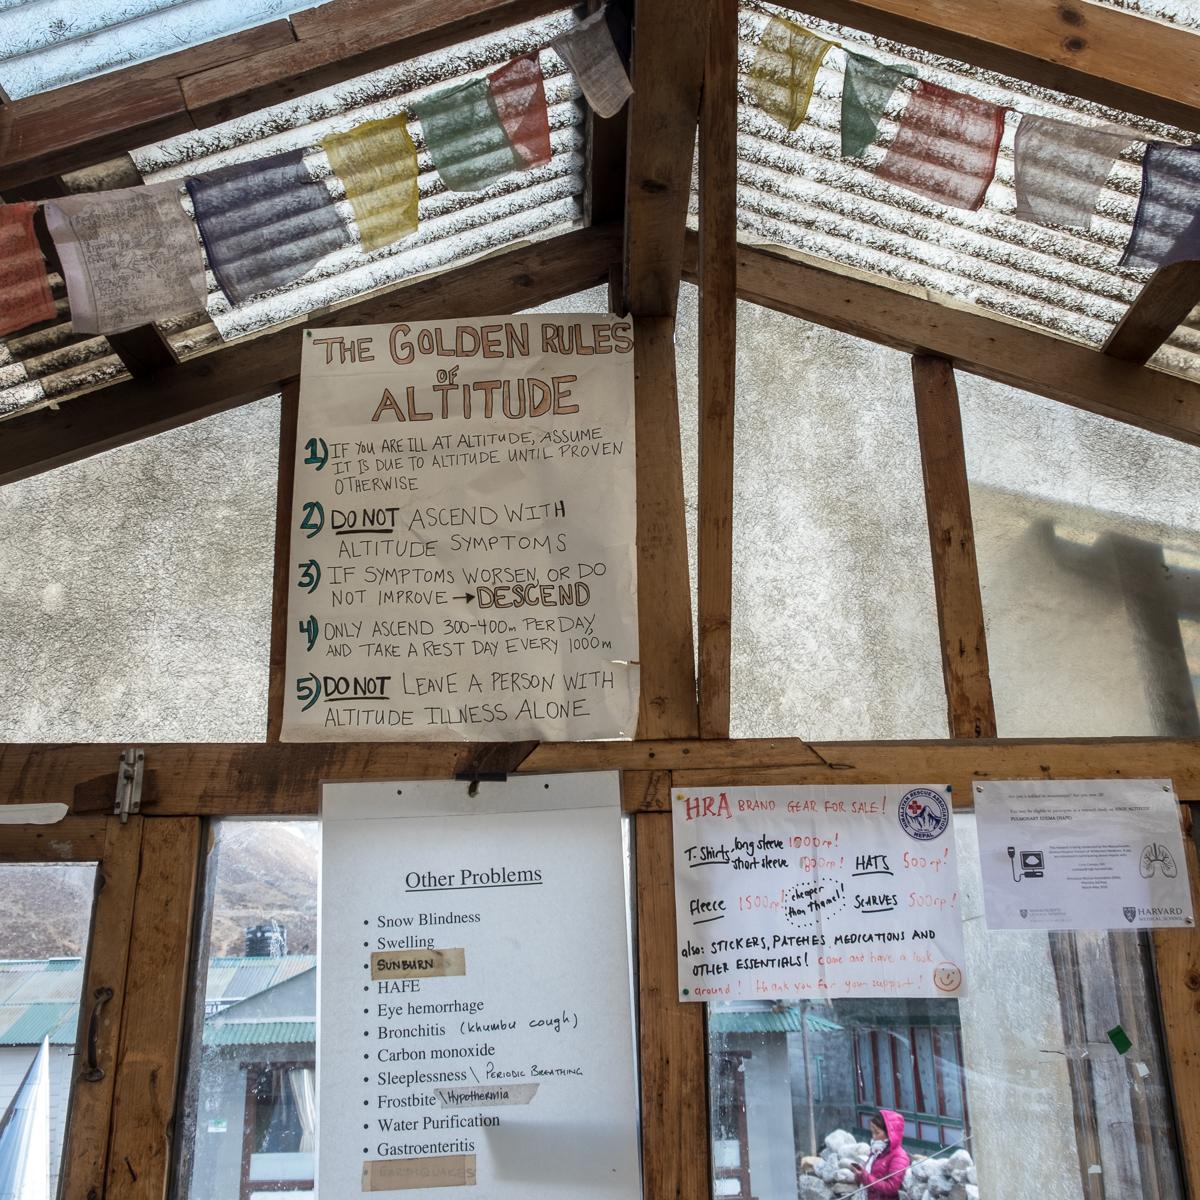 Altitude hikers take heed!